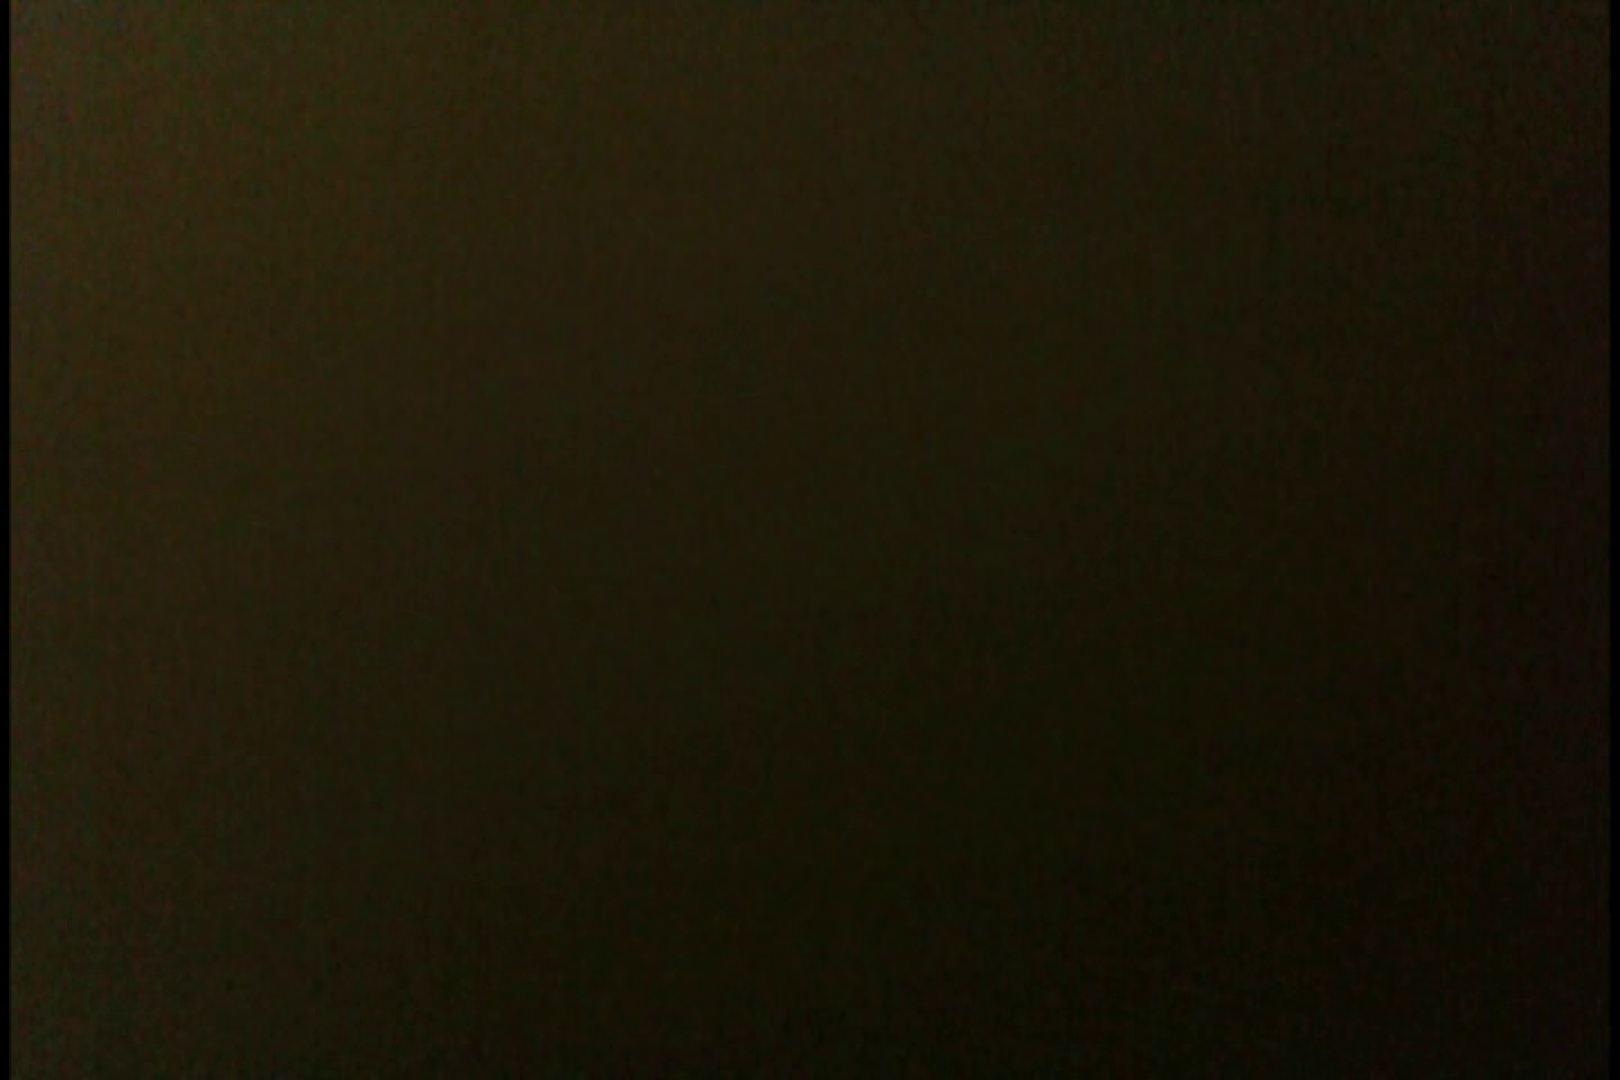 投稿!山下さんの闘病日記 激カワナースパンチラ vol.04 盗撮動画 | チラ見えで興奮  11枚 1